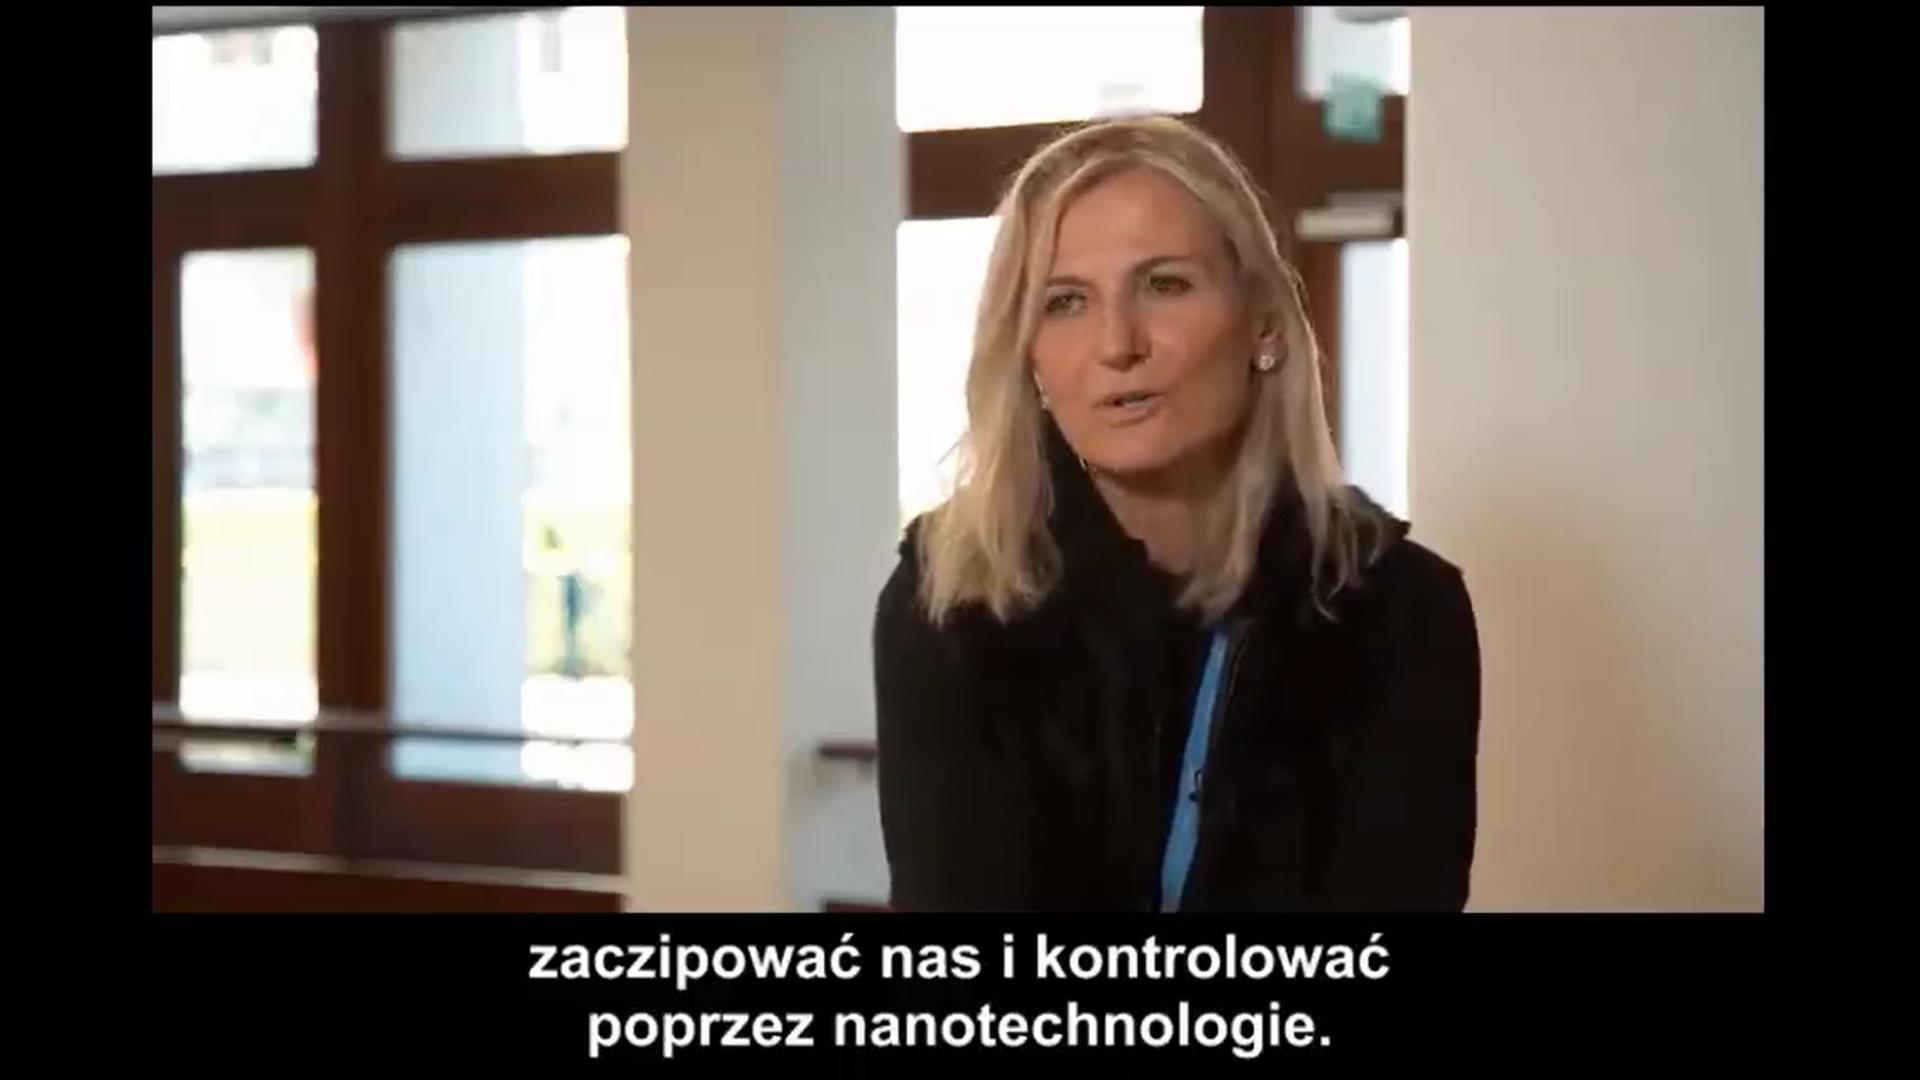 Kadr z filmu z udziałem dr Astrid Stuckelberger